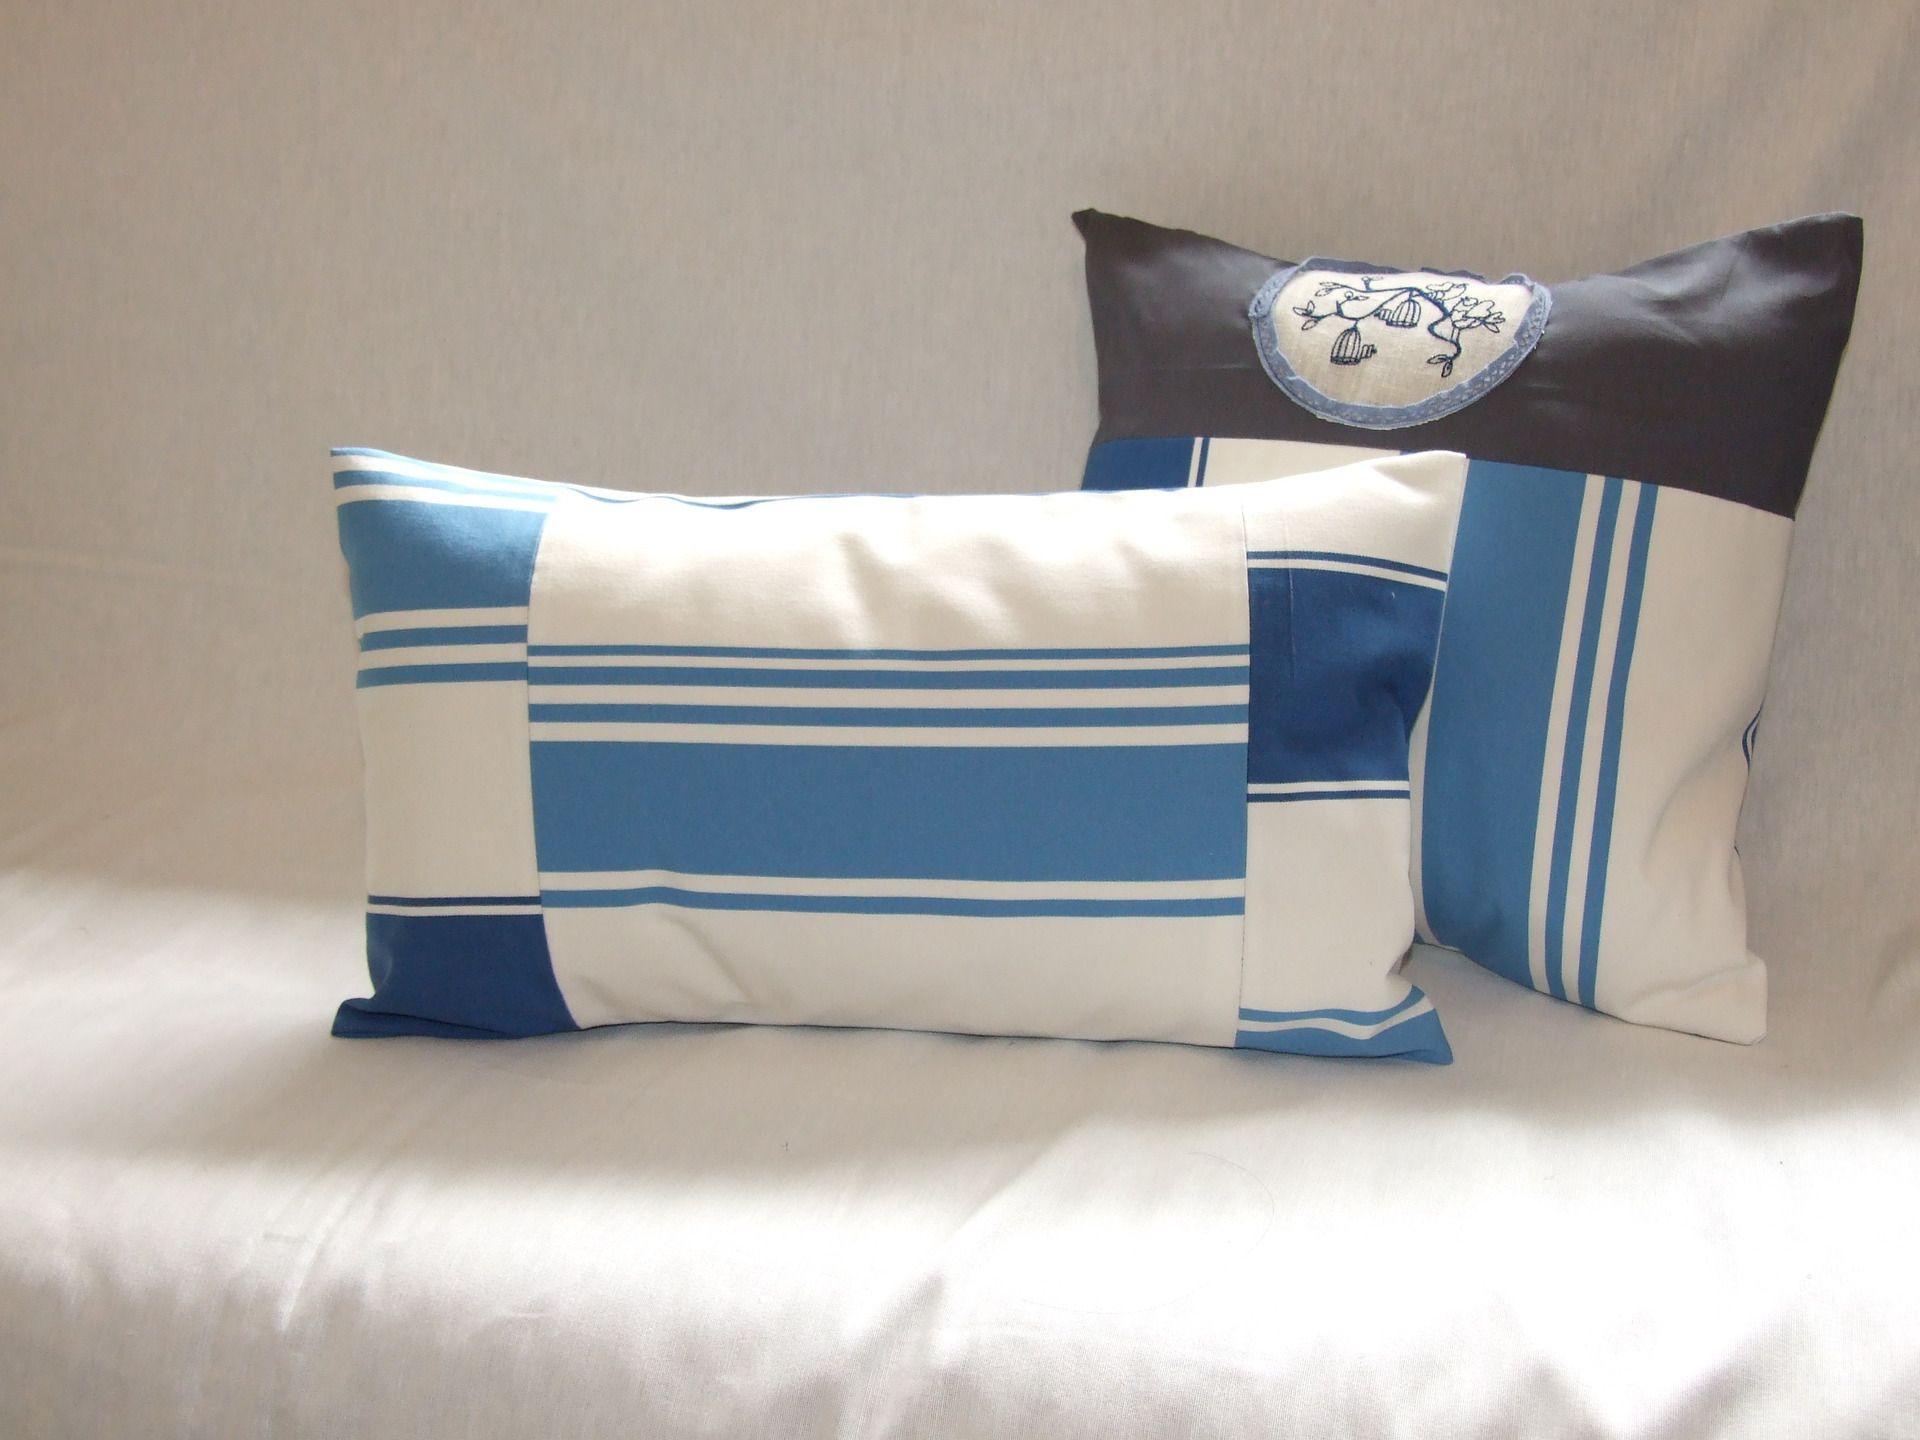 Housse De Coussin 50 X 30 Cm Patchwork Tissu A Rayures Bleues Et Beiges Textiles Et Tapis Par Papoulina Housse De Coussin Tissu A Rayures Housses